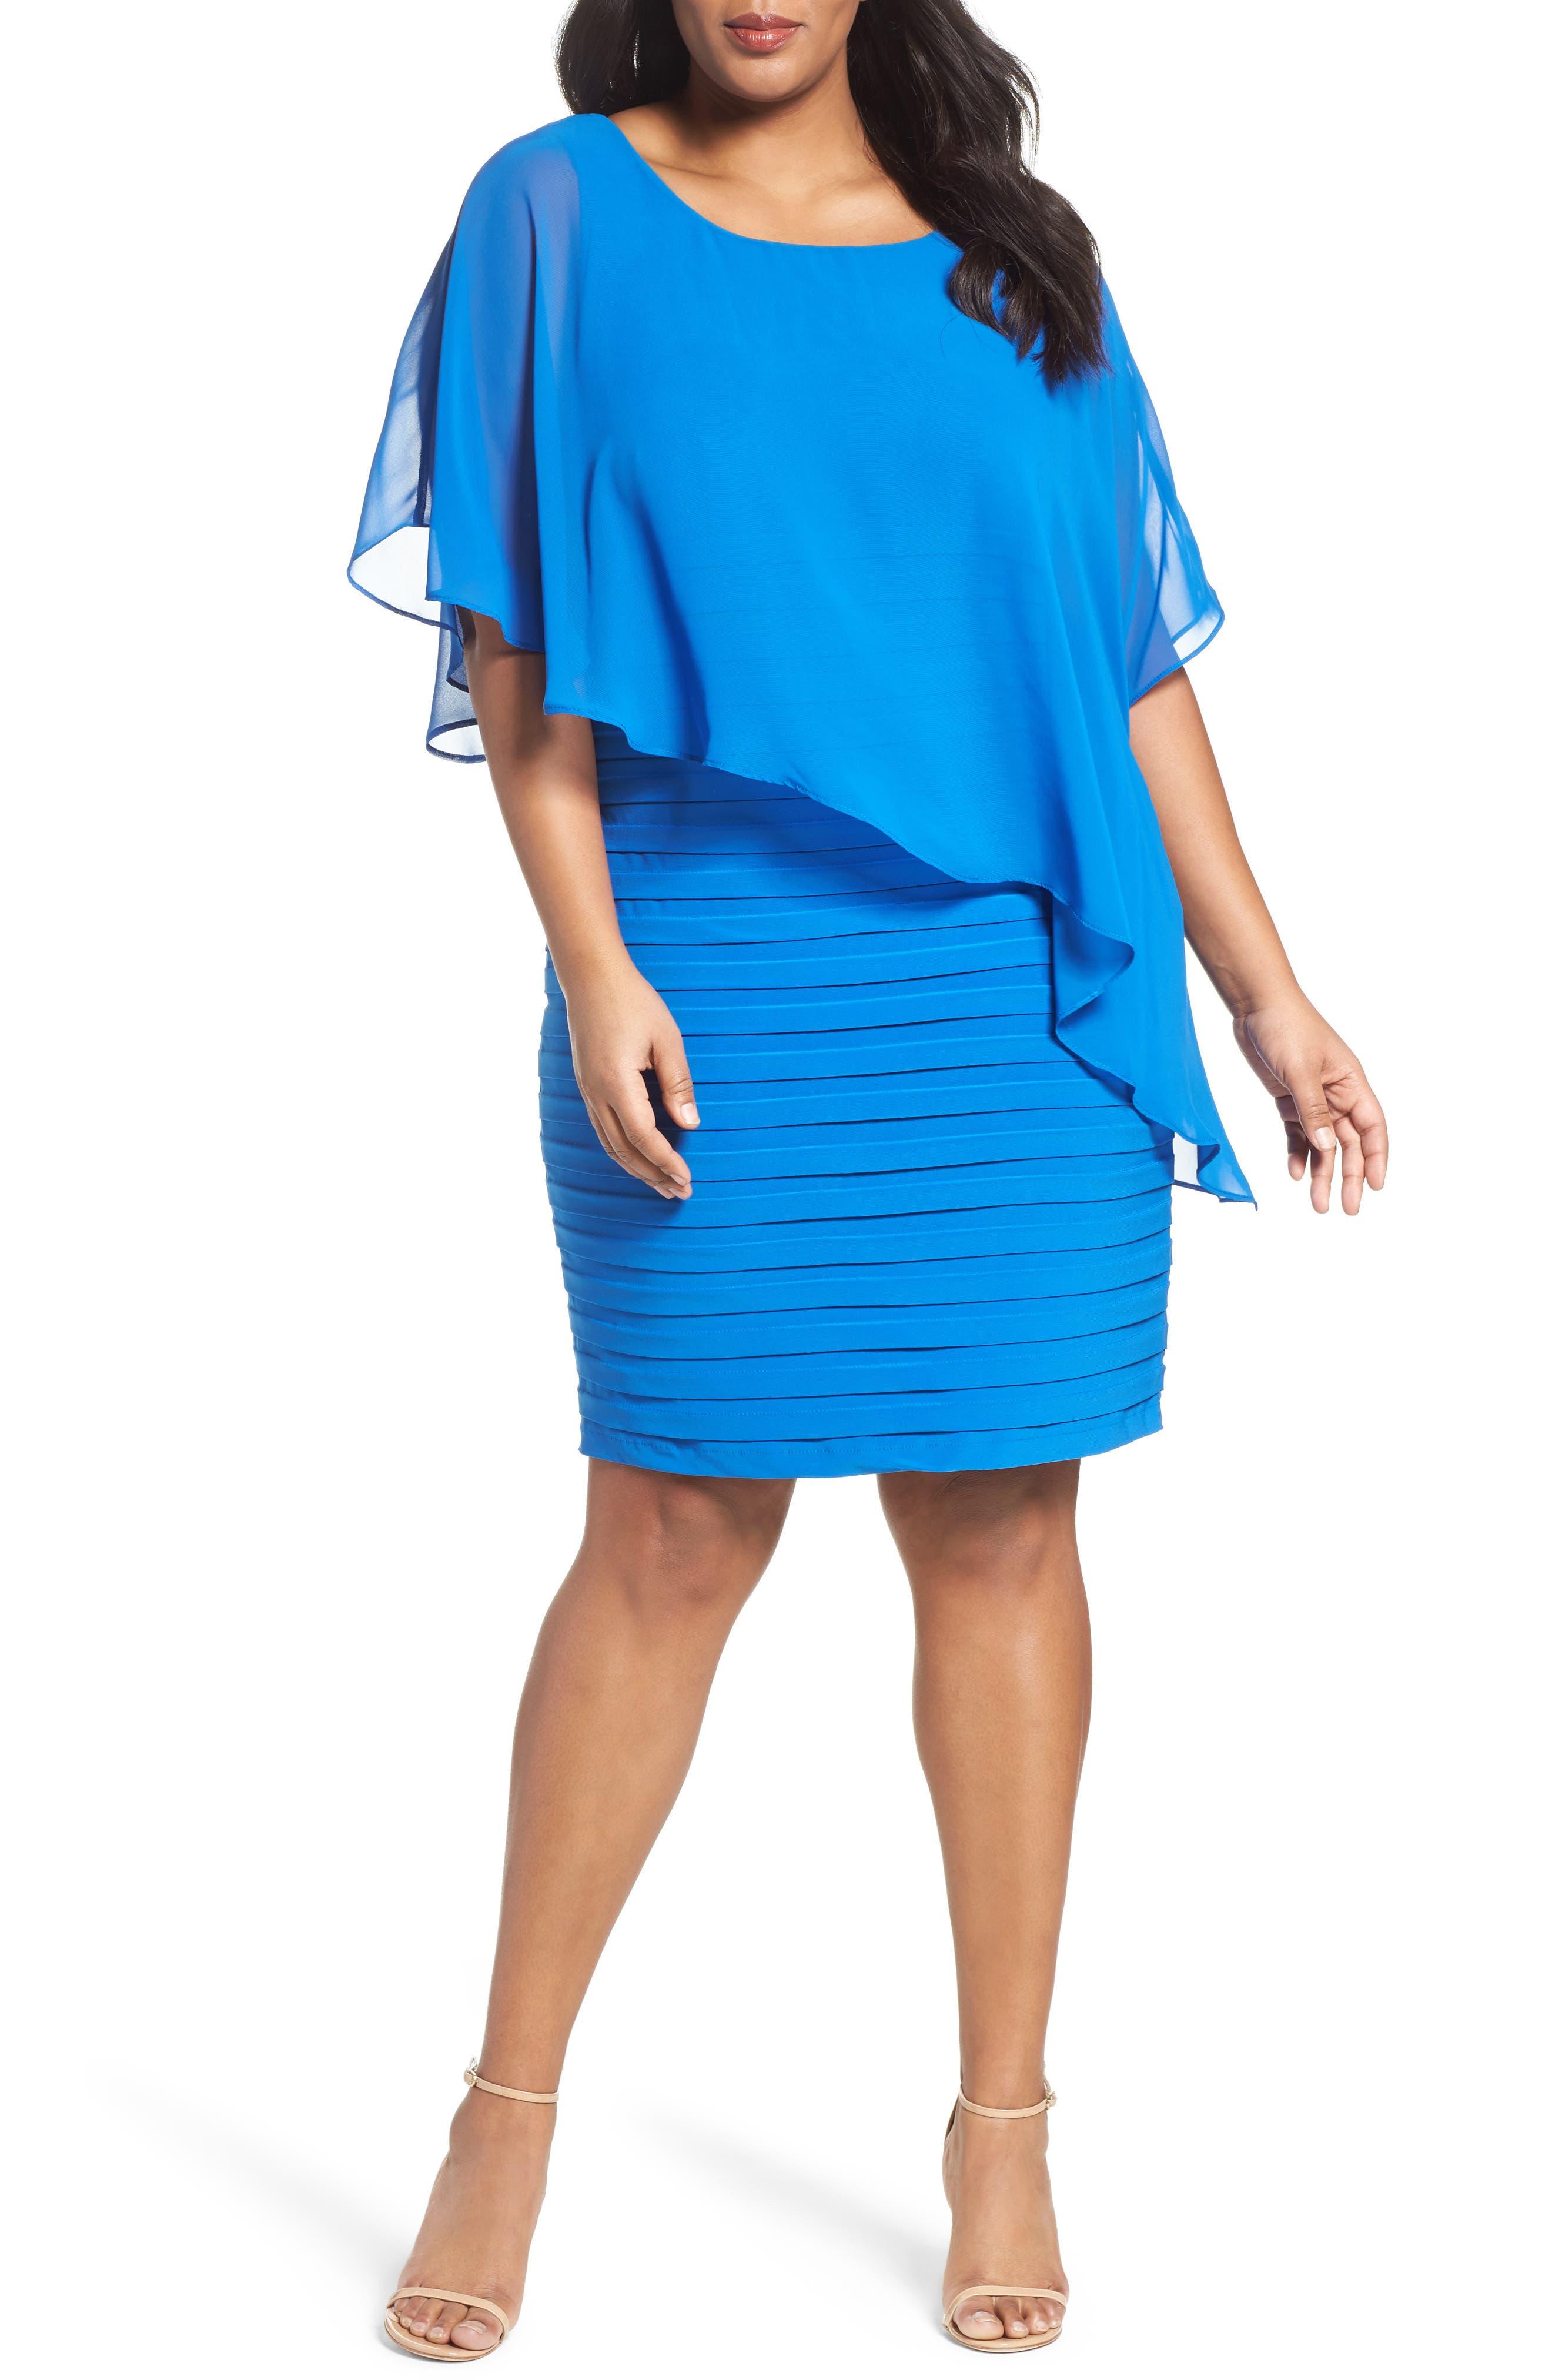 Main Image - Adrianna Papell Chiffon Overlay Shutter Pleat Sheath Dress (Plus Size)